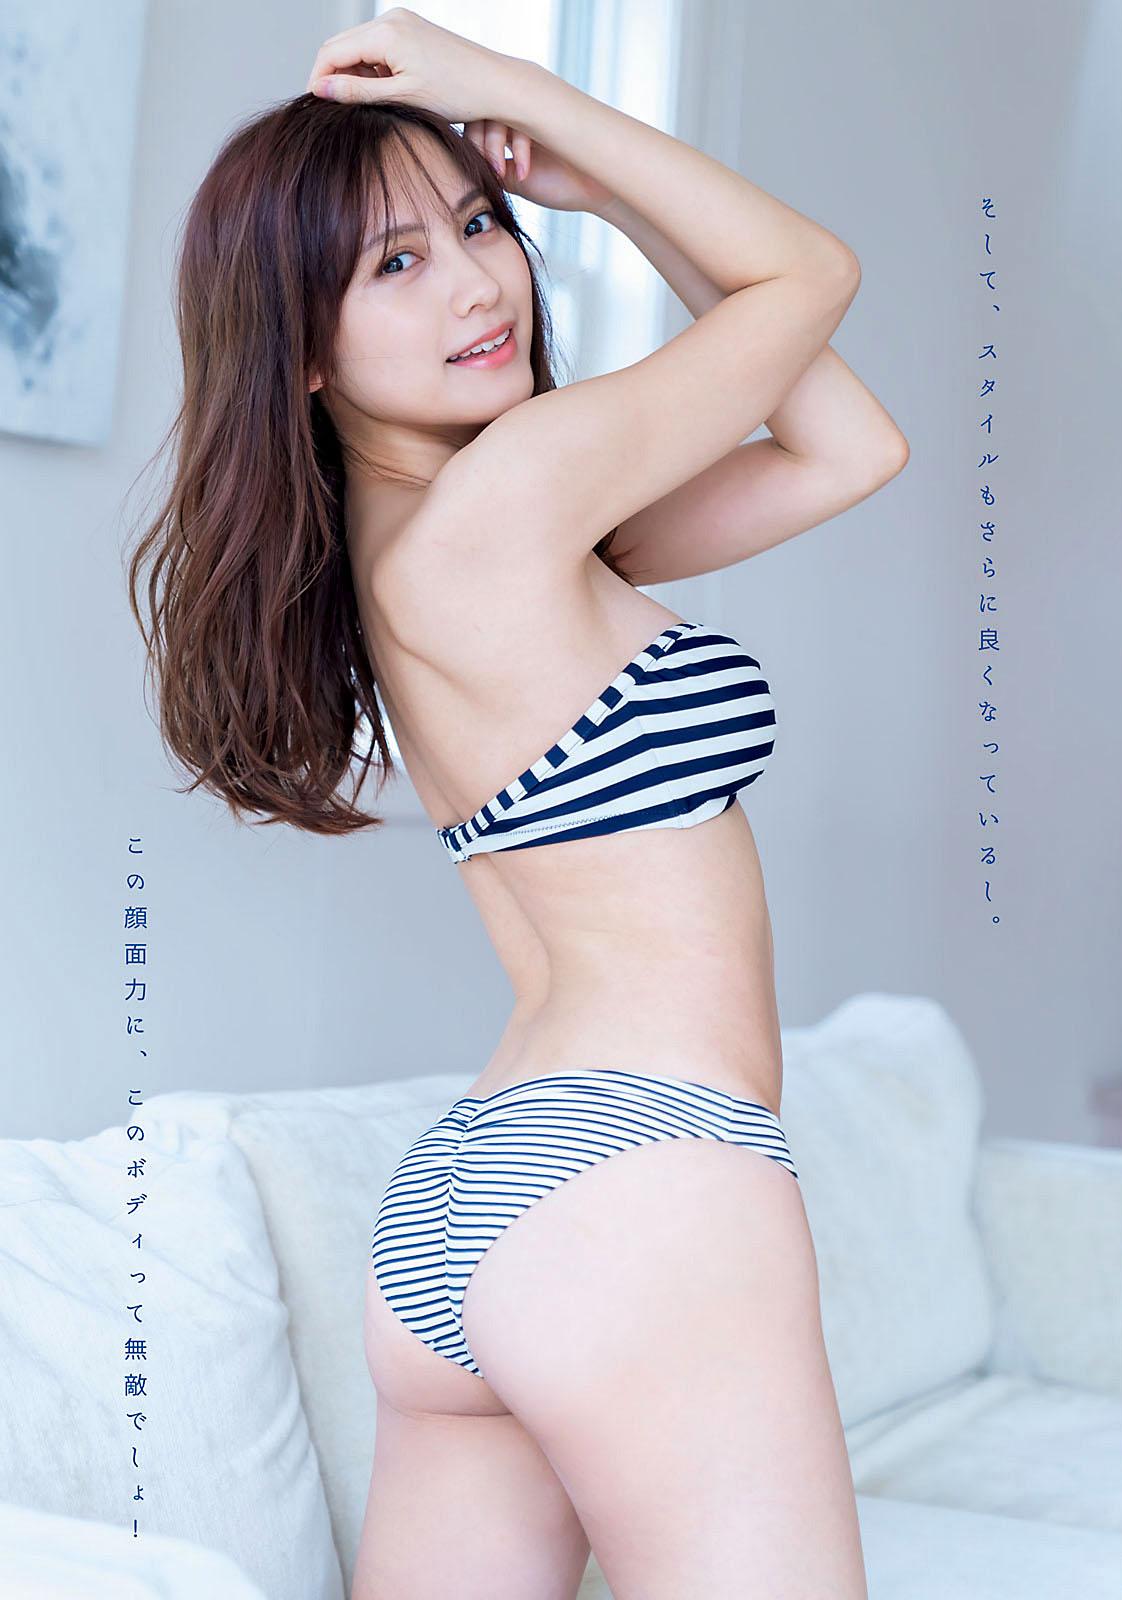 Nashiko Momotsuki Young Magazine 210524 05.jpg